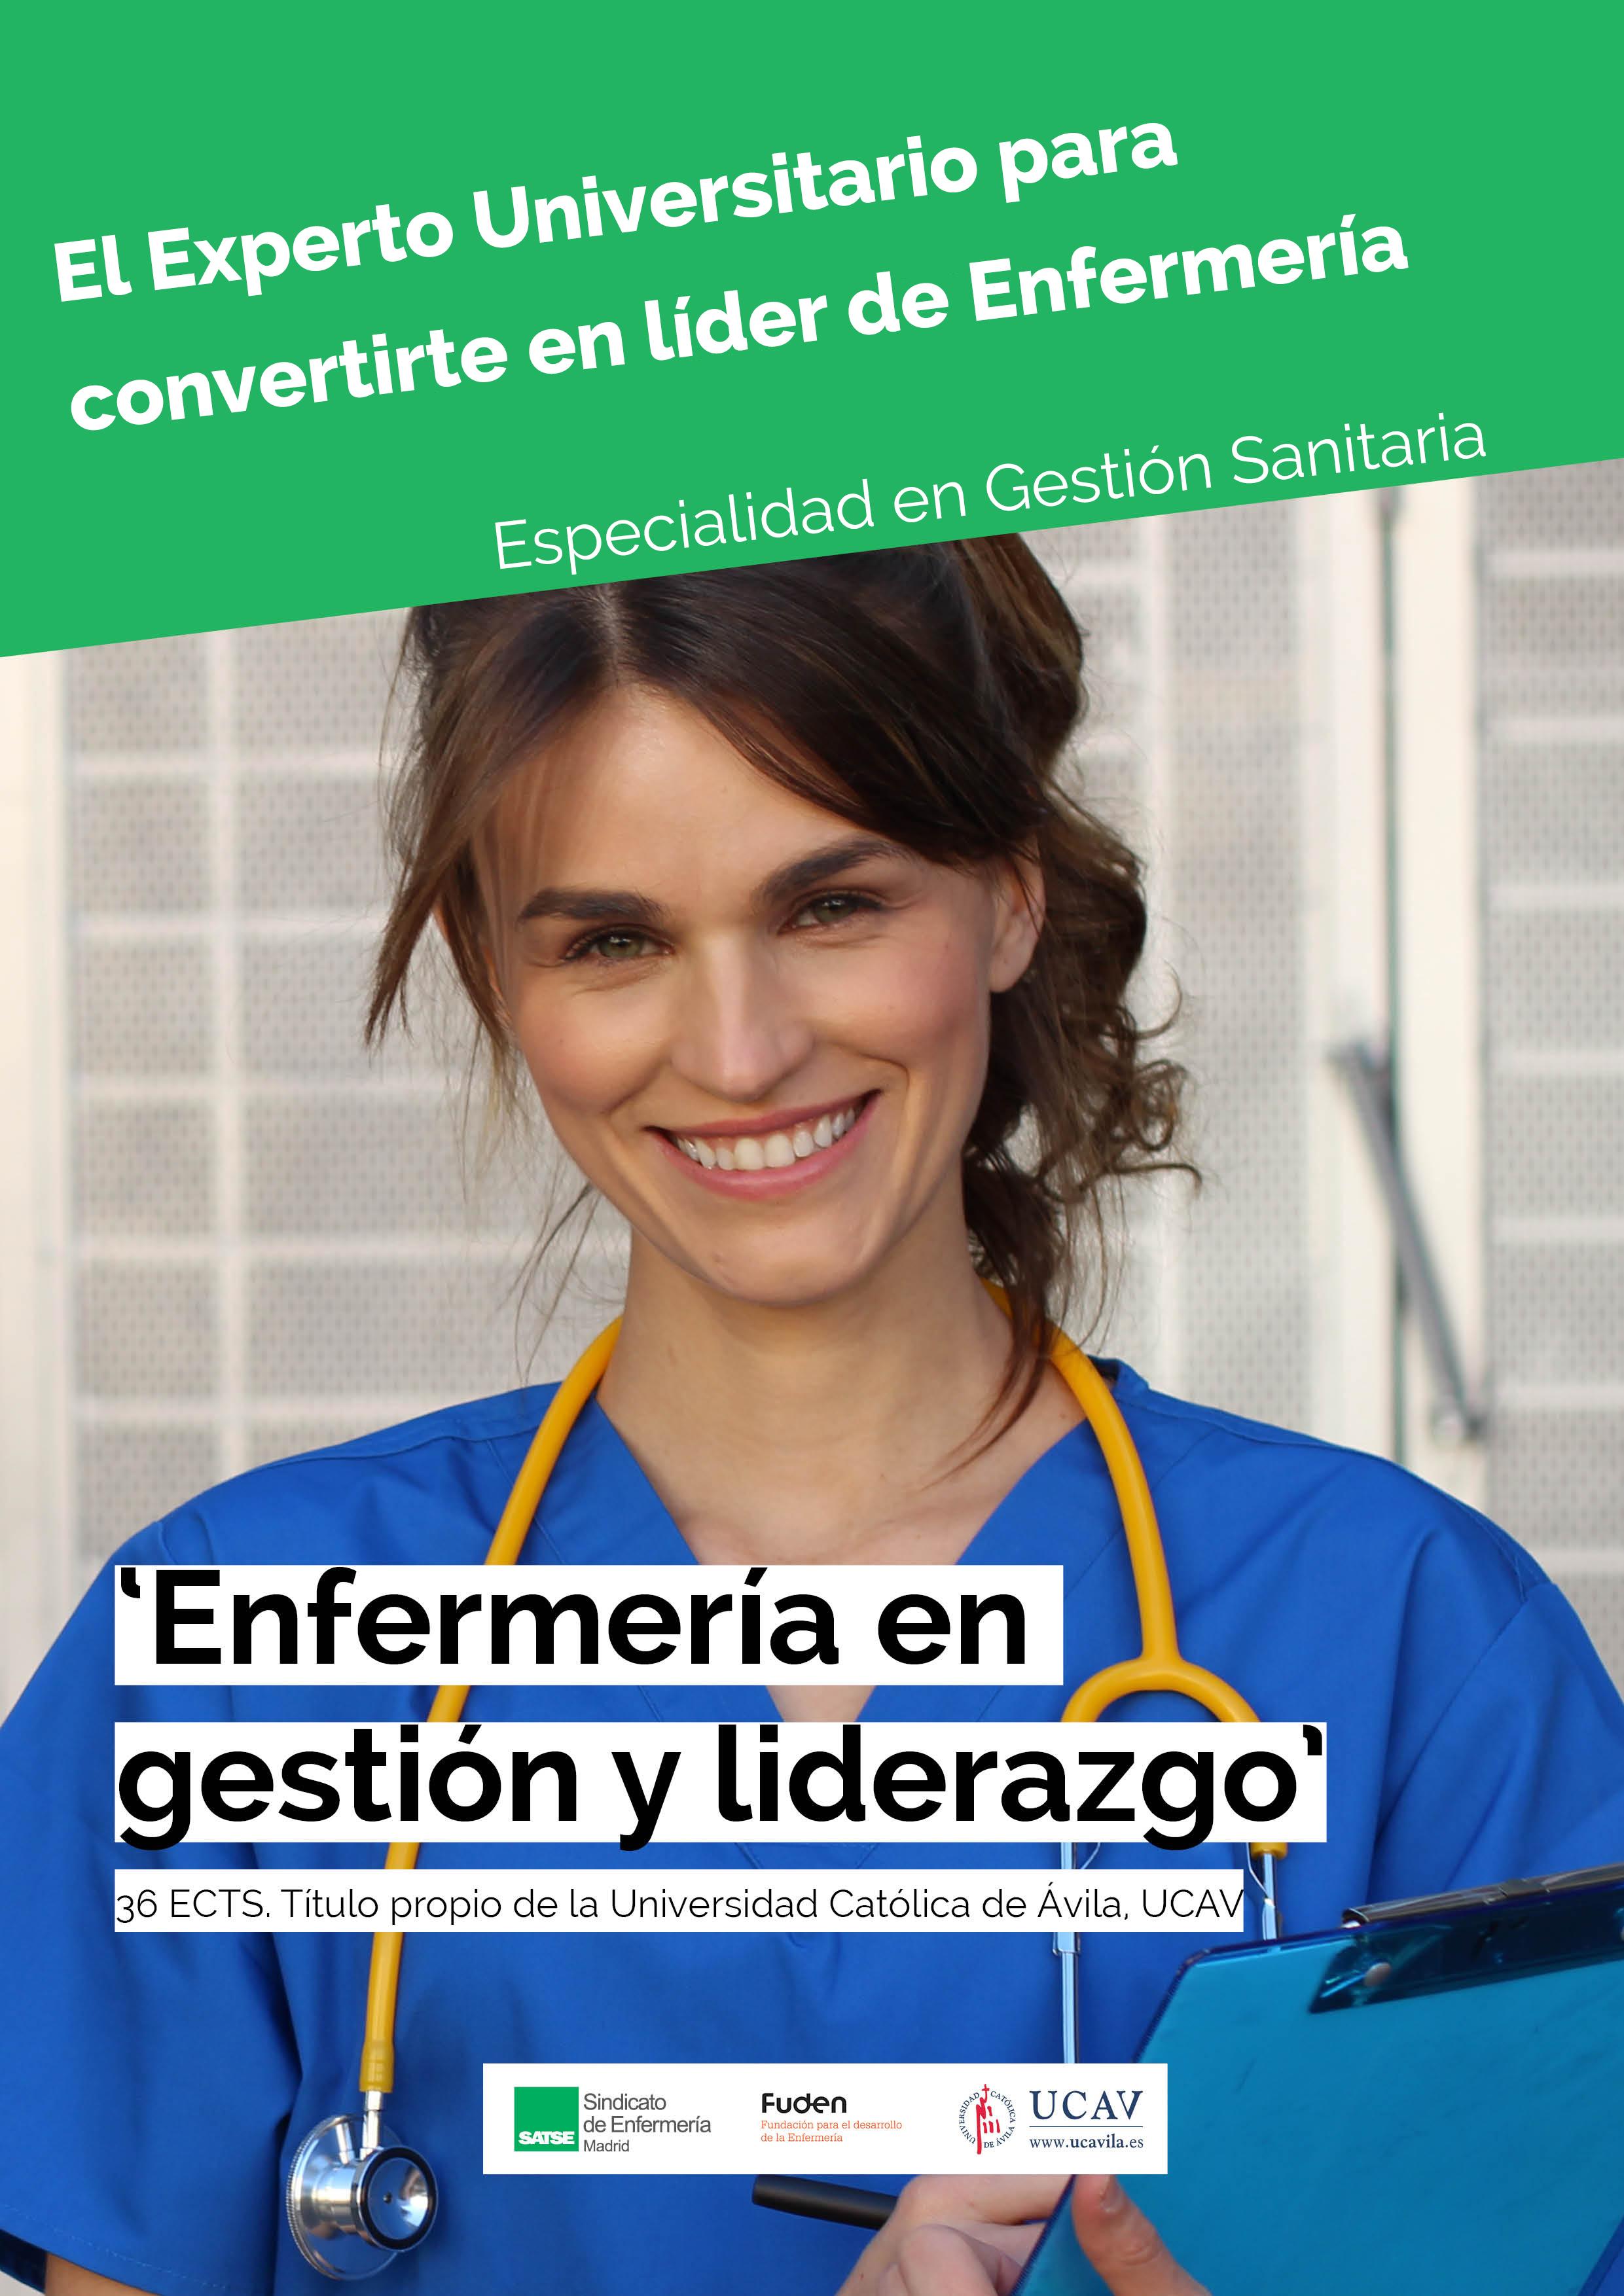 Matrícula en el Experto Universitario en Capacitación de Enfermería en Gestión y Liderazgo de Equipos